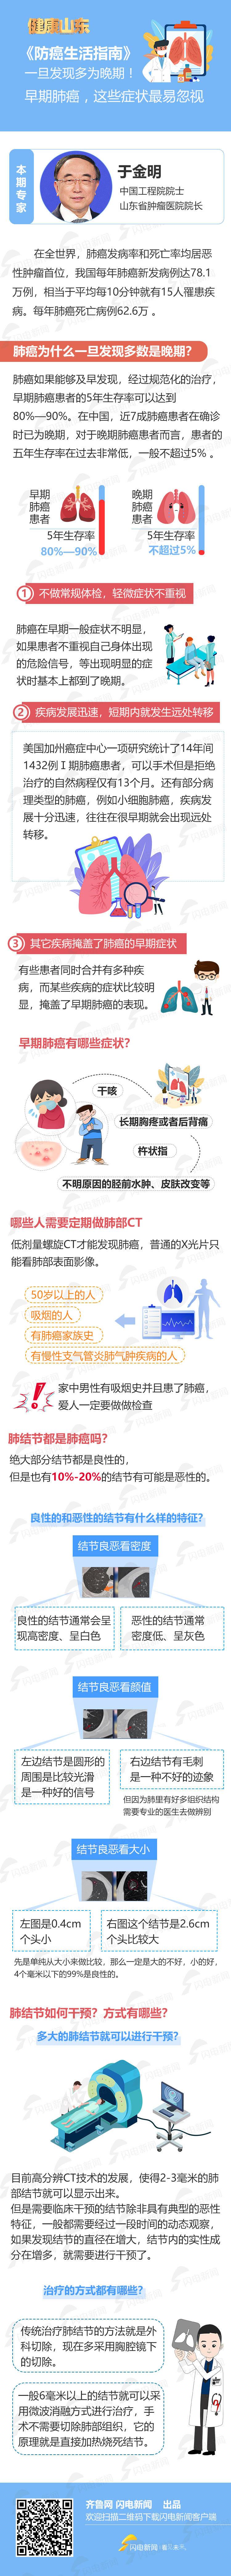 图解|防癌生活指南:一旦发现多为晚期!早期肺癌,这些症状最易忽视